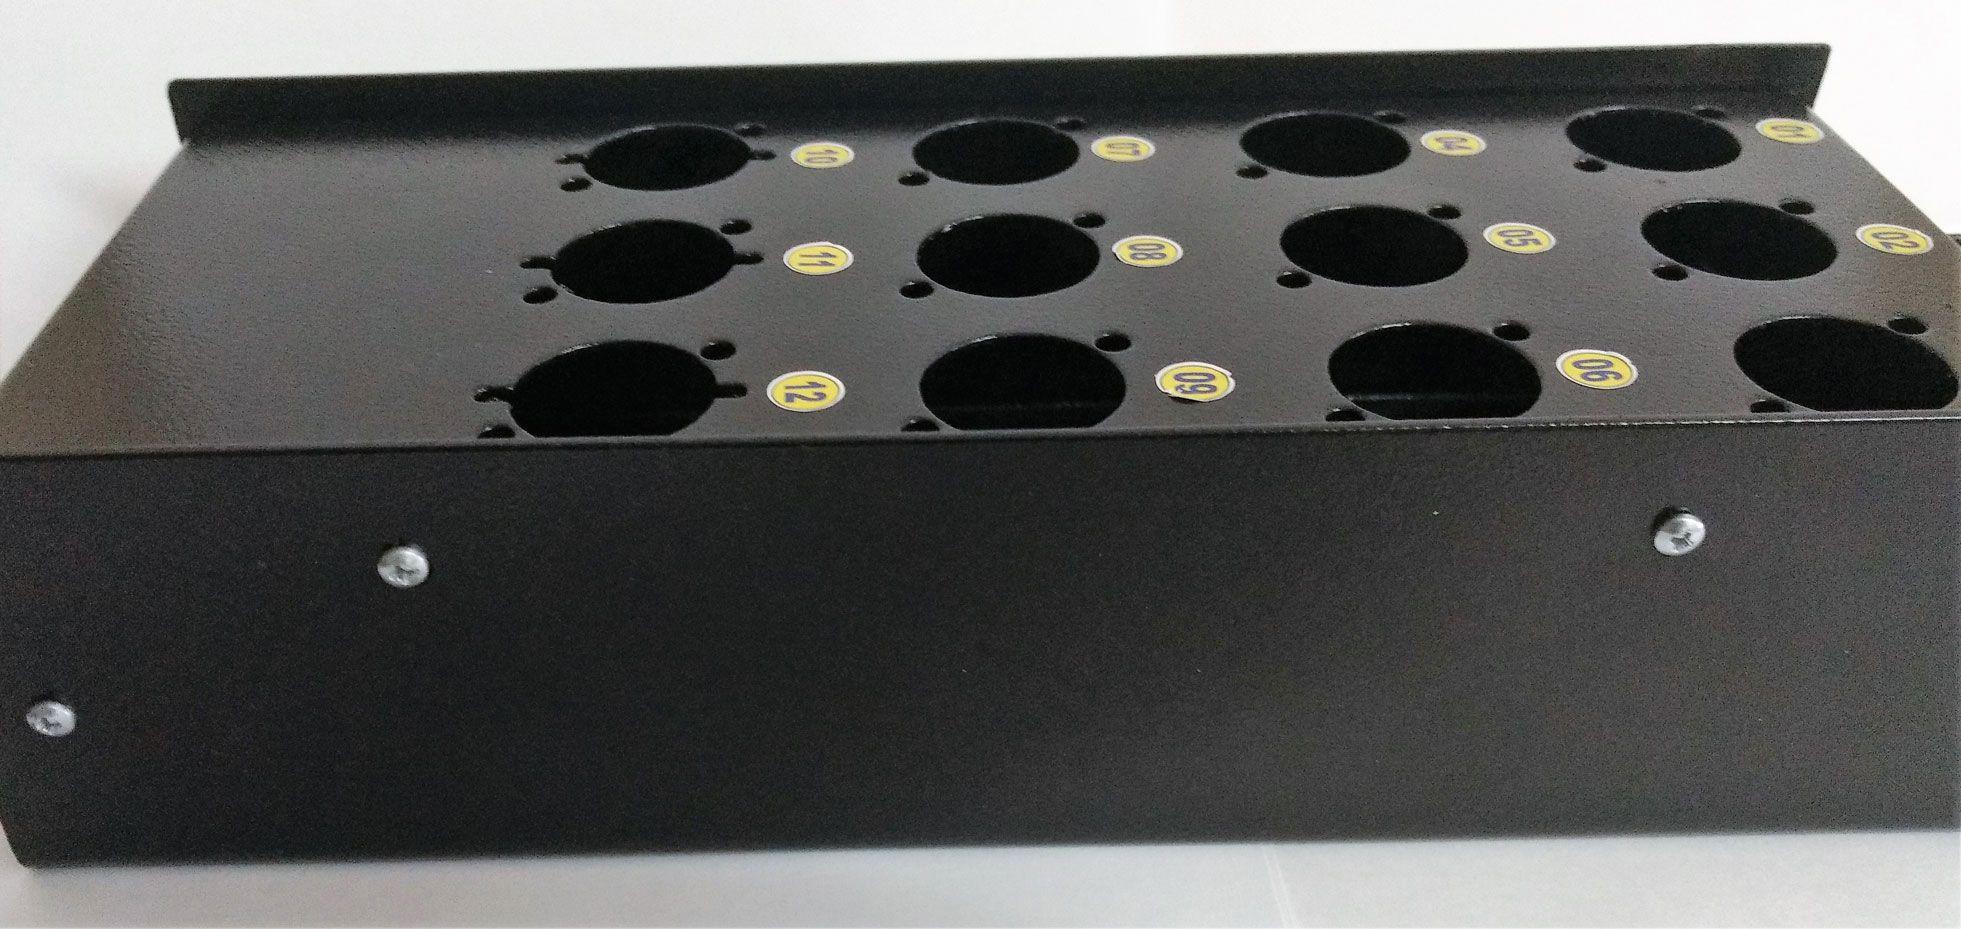 Caixa de Medusa Supertech Multicabo 12 vias Reforçada